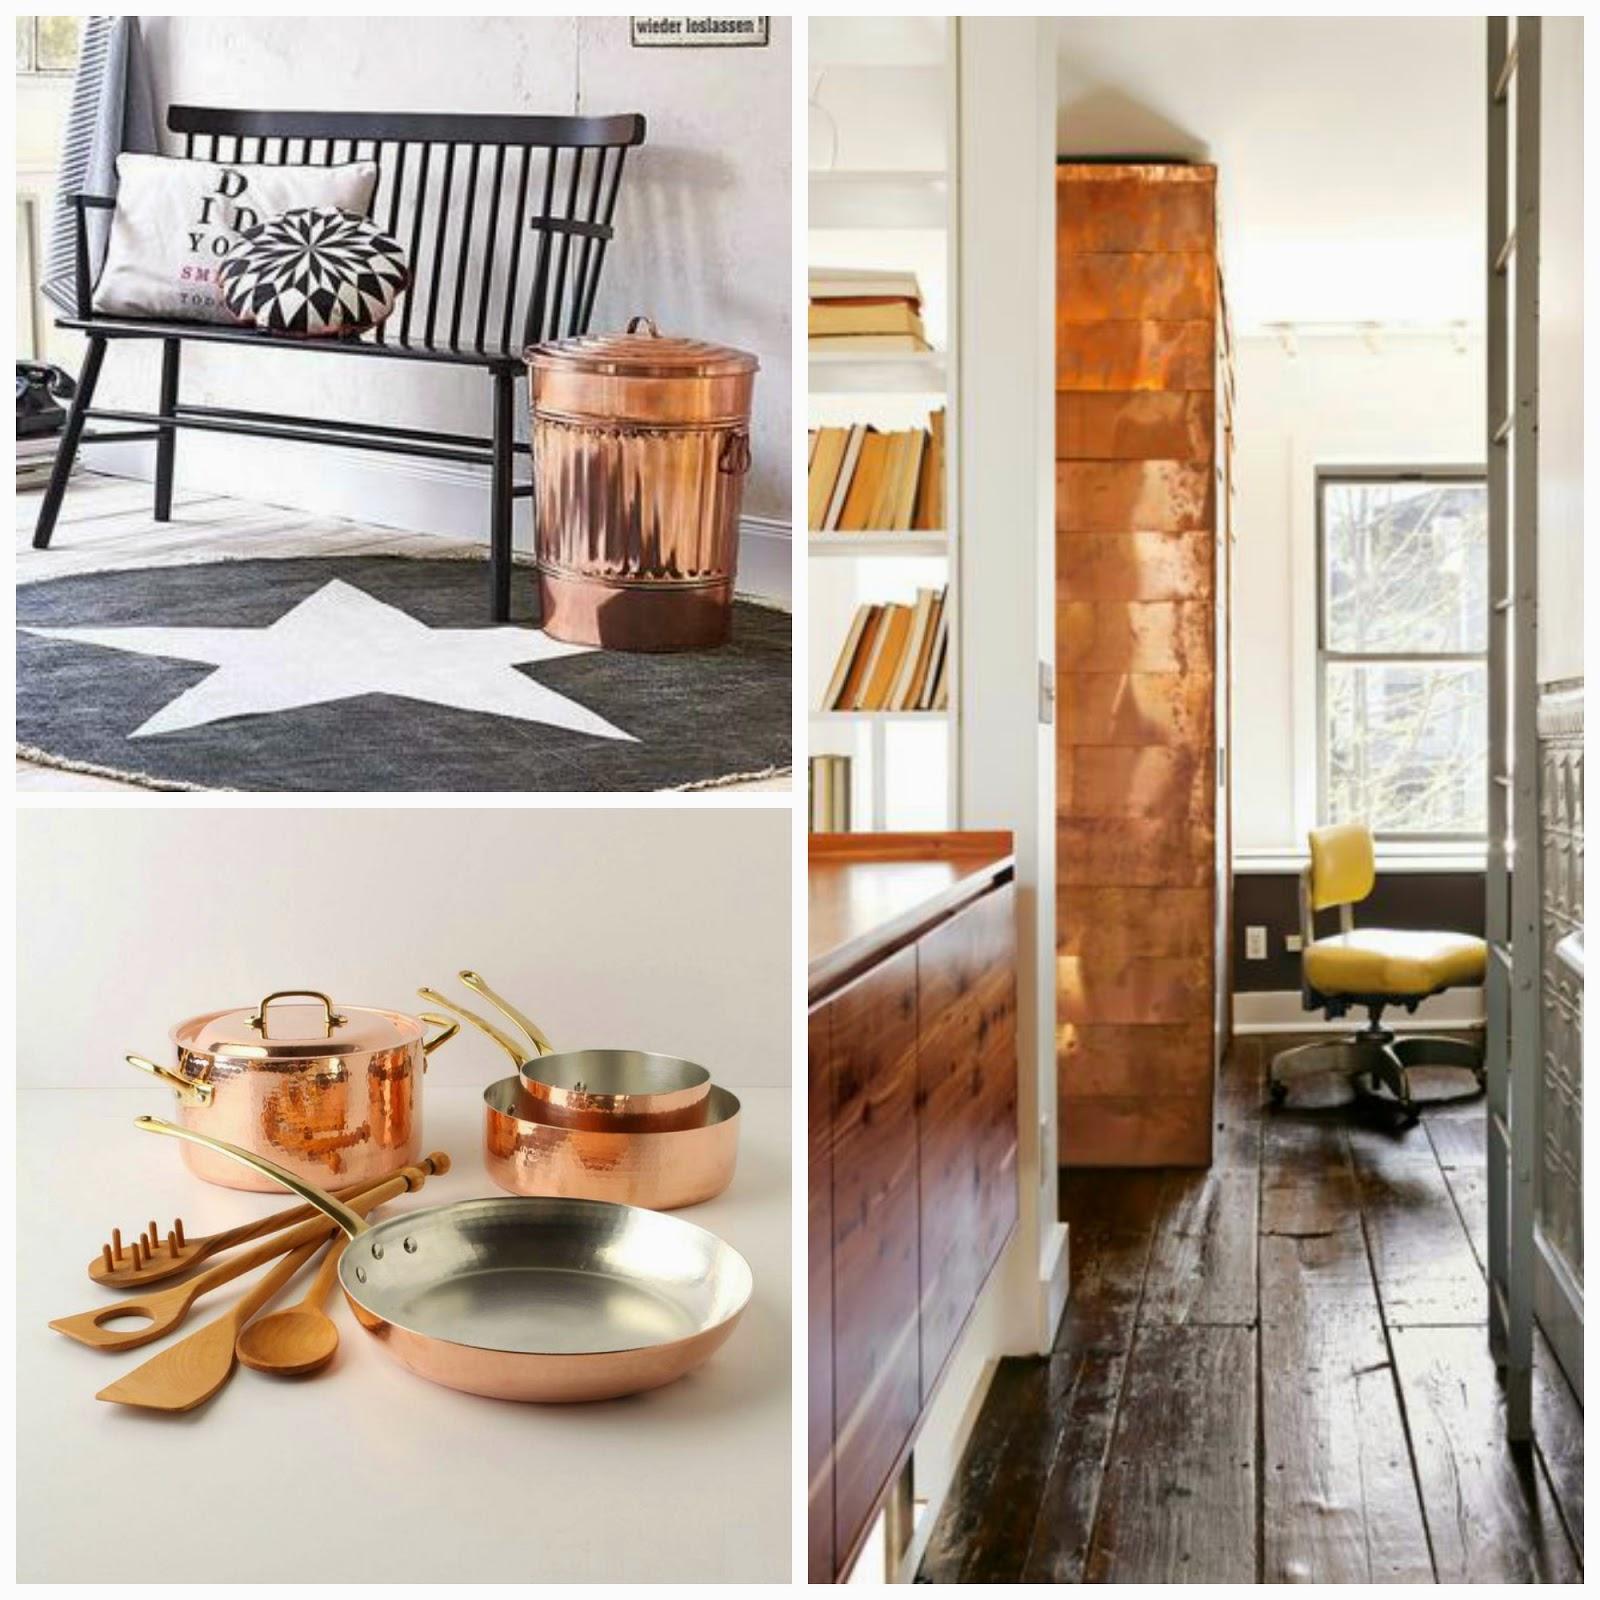 Tendencias: La invasión del cobre en la decoración